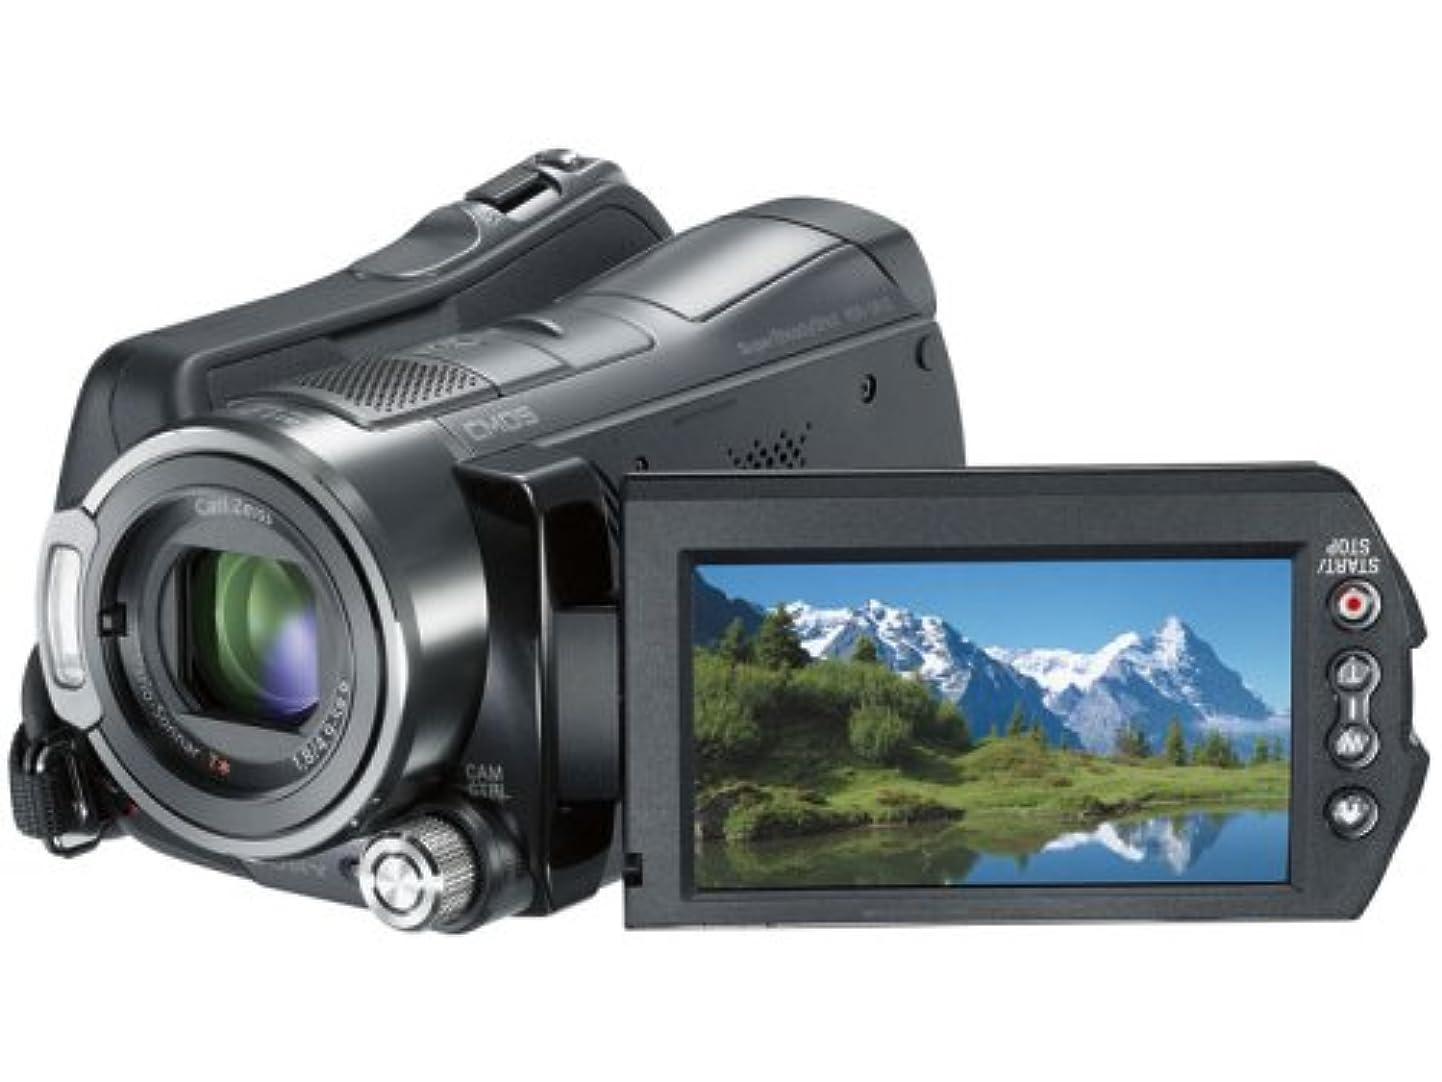 グラム愛いたずらソニー SONY デジタルハイビジョンビデオカメラ Handycam (ハンディカム) HDR-SR12 (HDD120GB)               ?商品紹介: